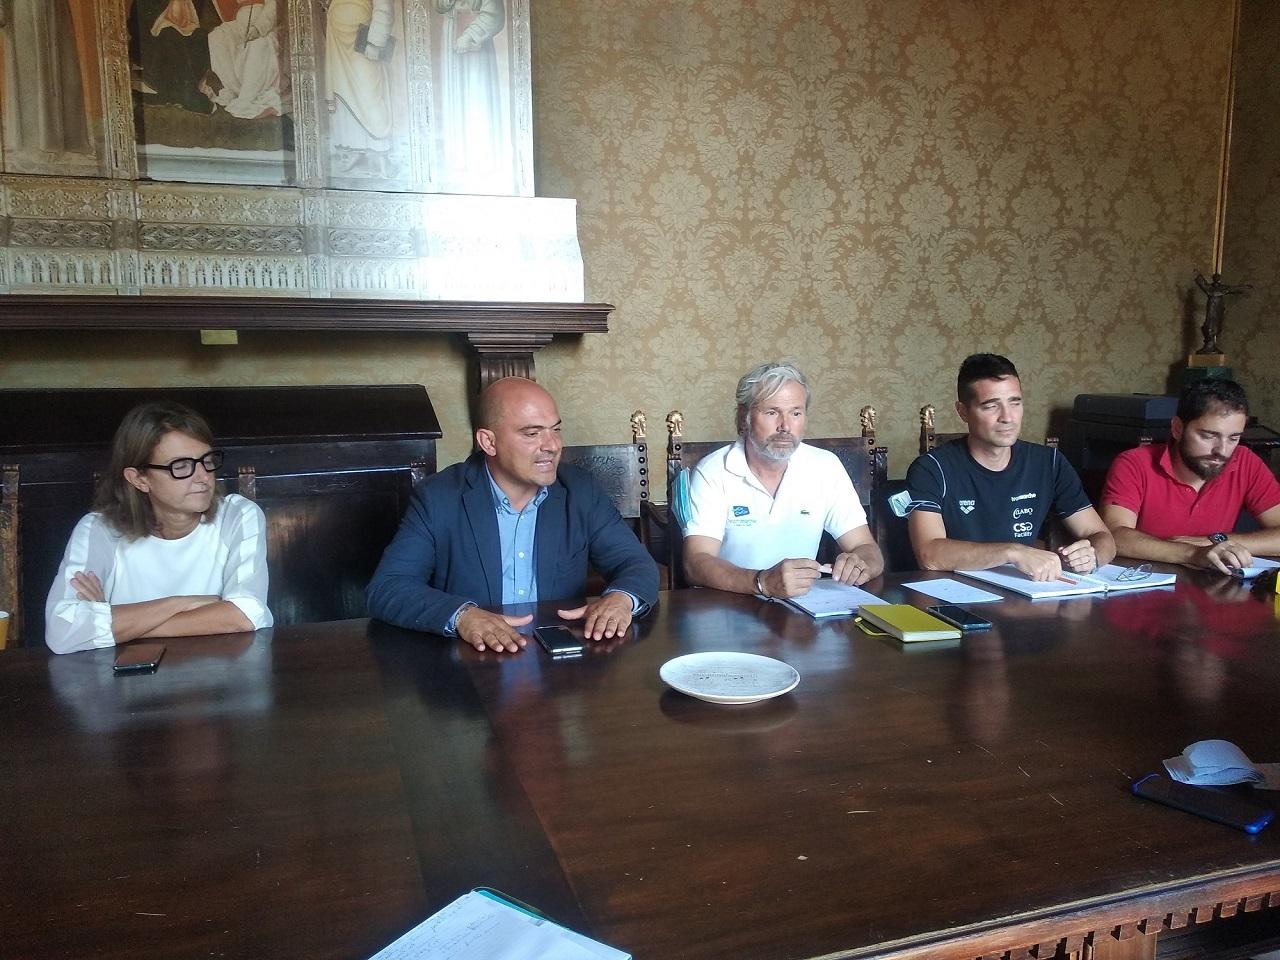 Da sinistra: il vicesindaco Paola Andreoni, il sindaco Simone Pugnaloni, il presidente della Team Marche Mirco Santoni, Luca Carbonari e Marco Mancini